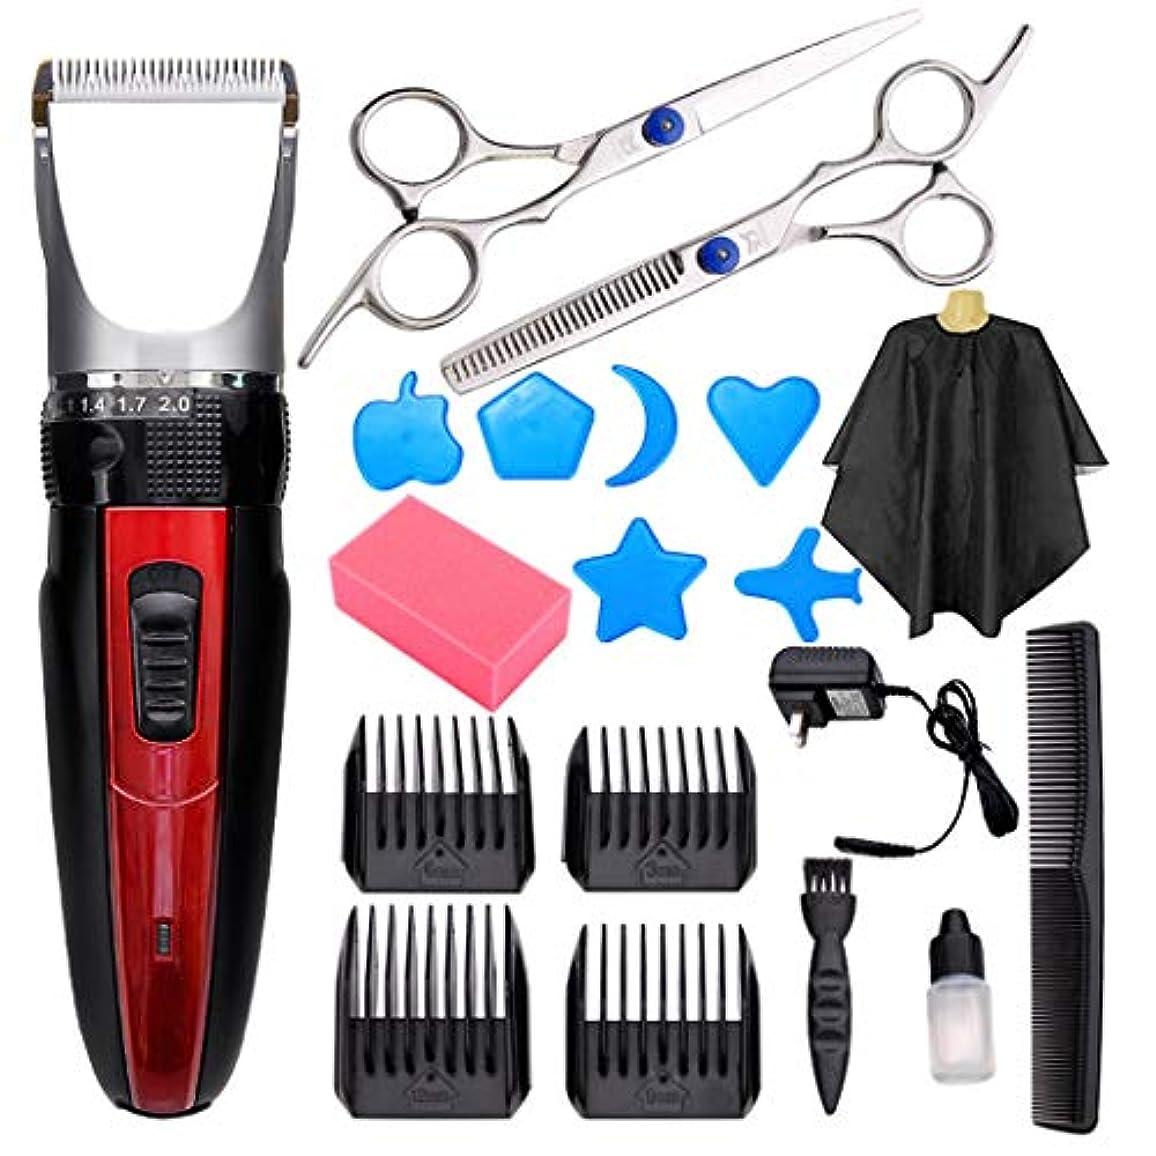 ラベル妥協開示する男性のバリカン、毎日の家の毛の切断の使用のためのシェーバーの充電のヘアカットの必要なクリーニング-red